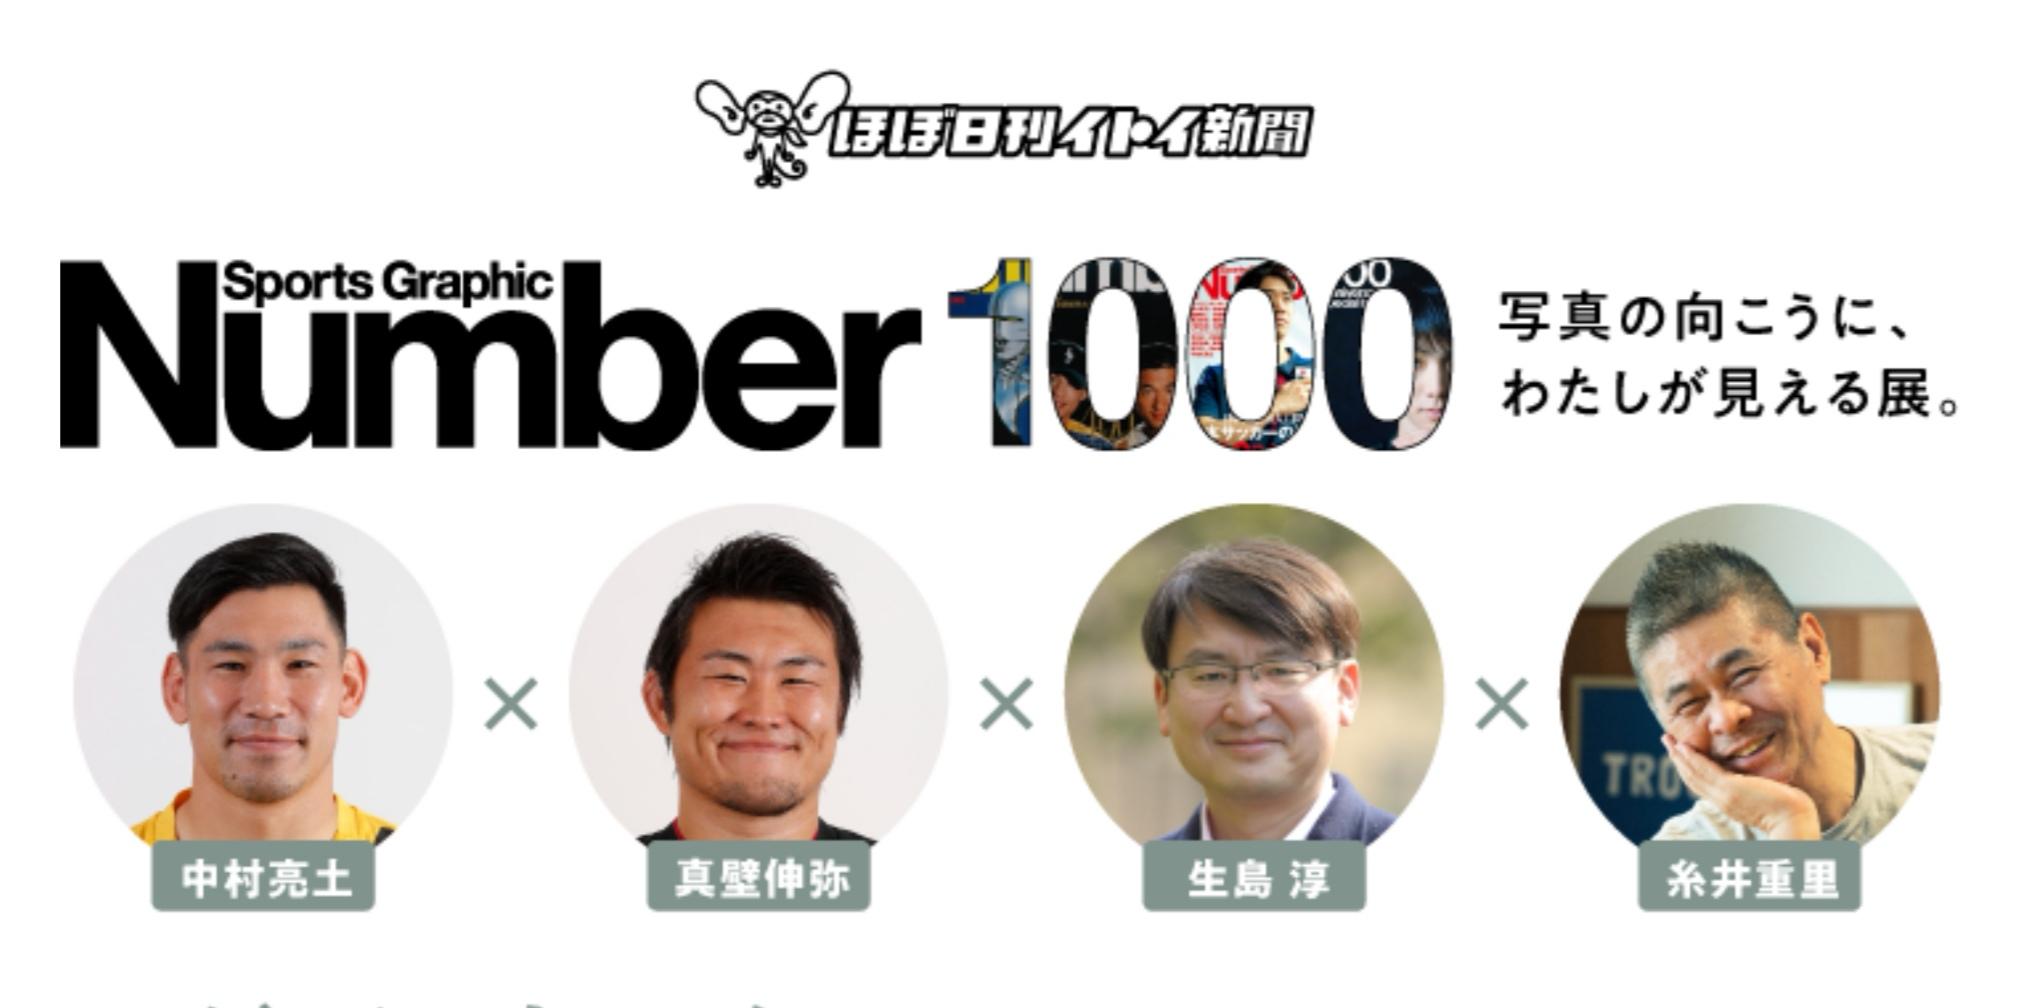 『Number』×ほぼ日刊イトイ新聞にて、ラグビートークを行います8月の19日(水)